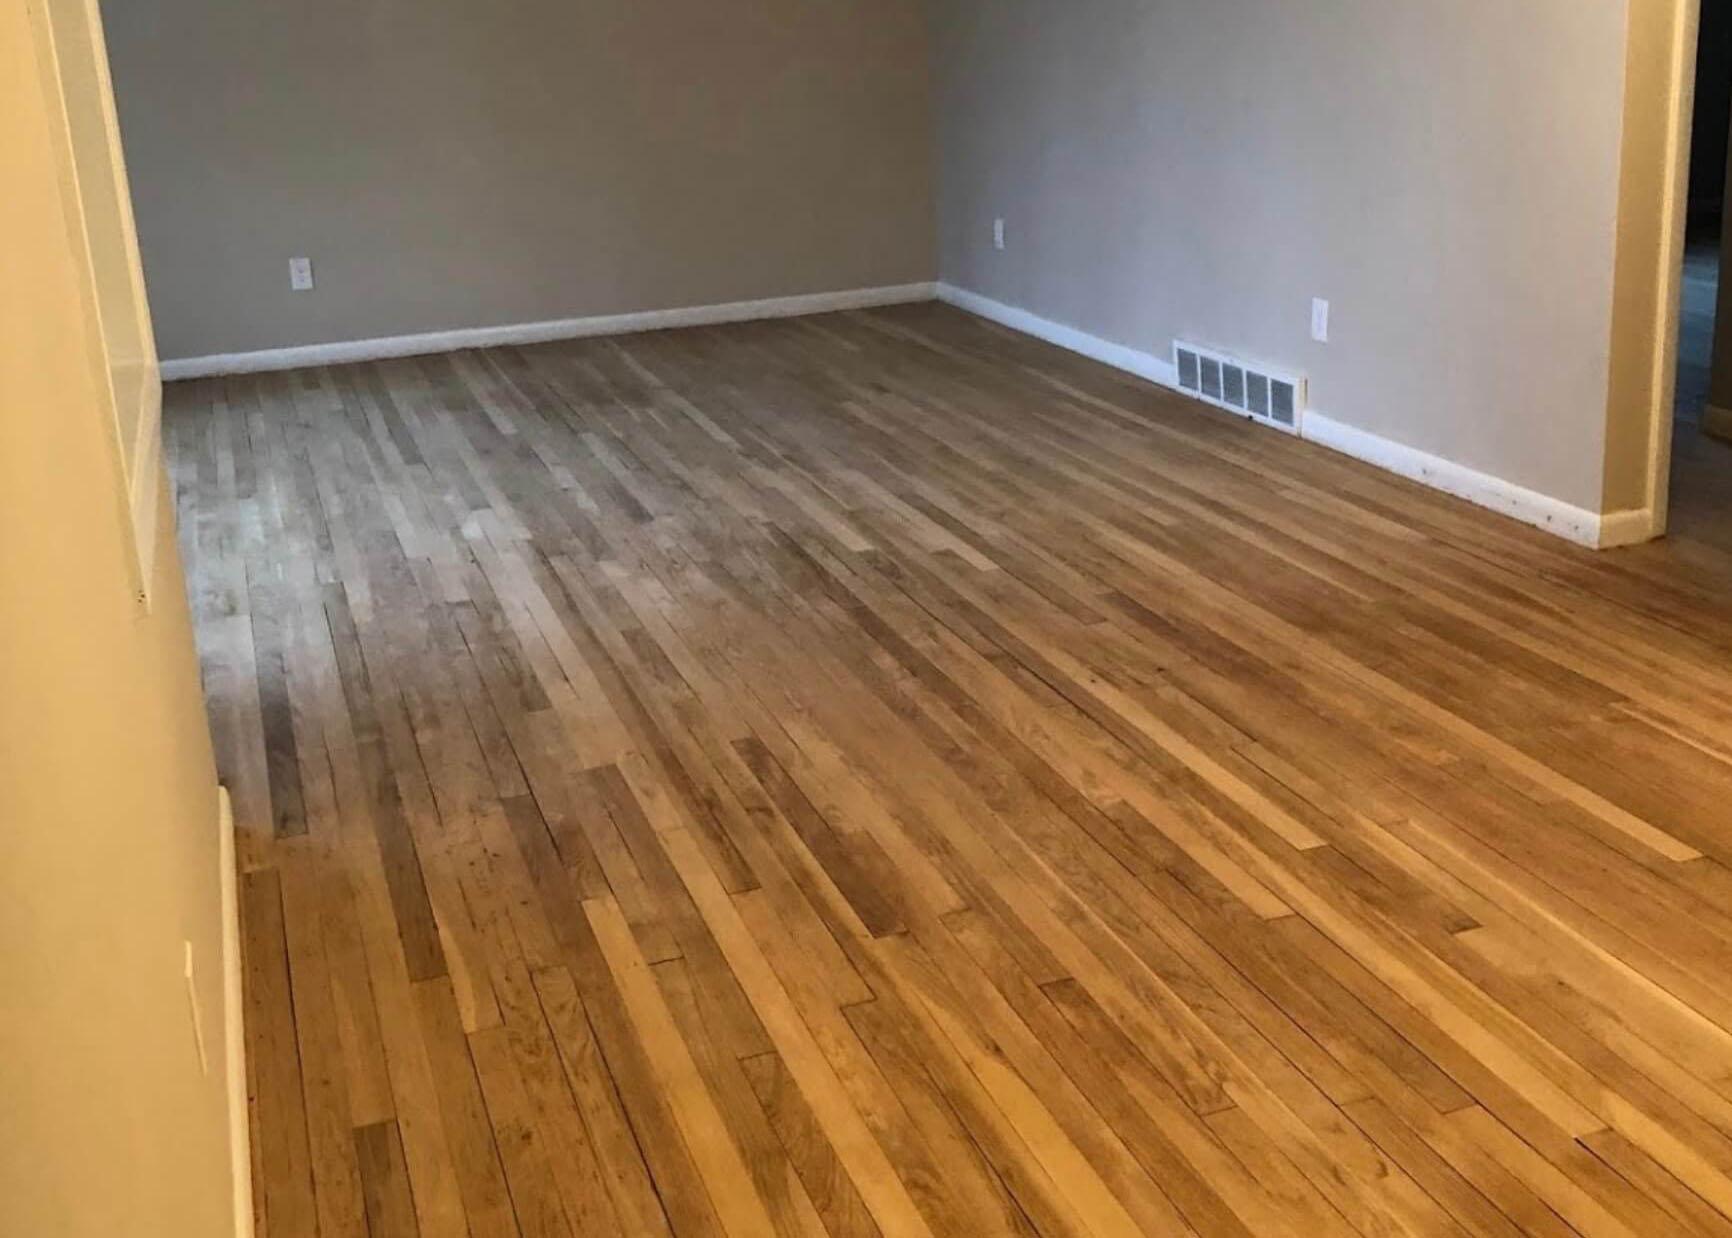 hardwood floor refinishing pittsburgh